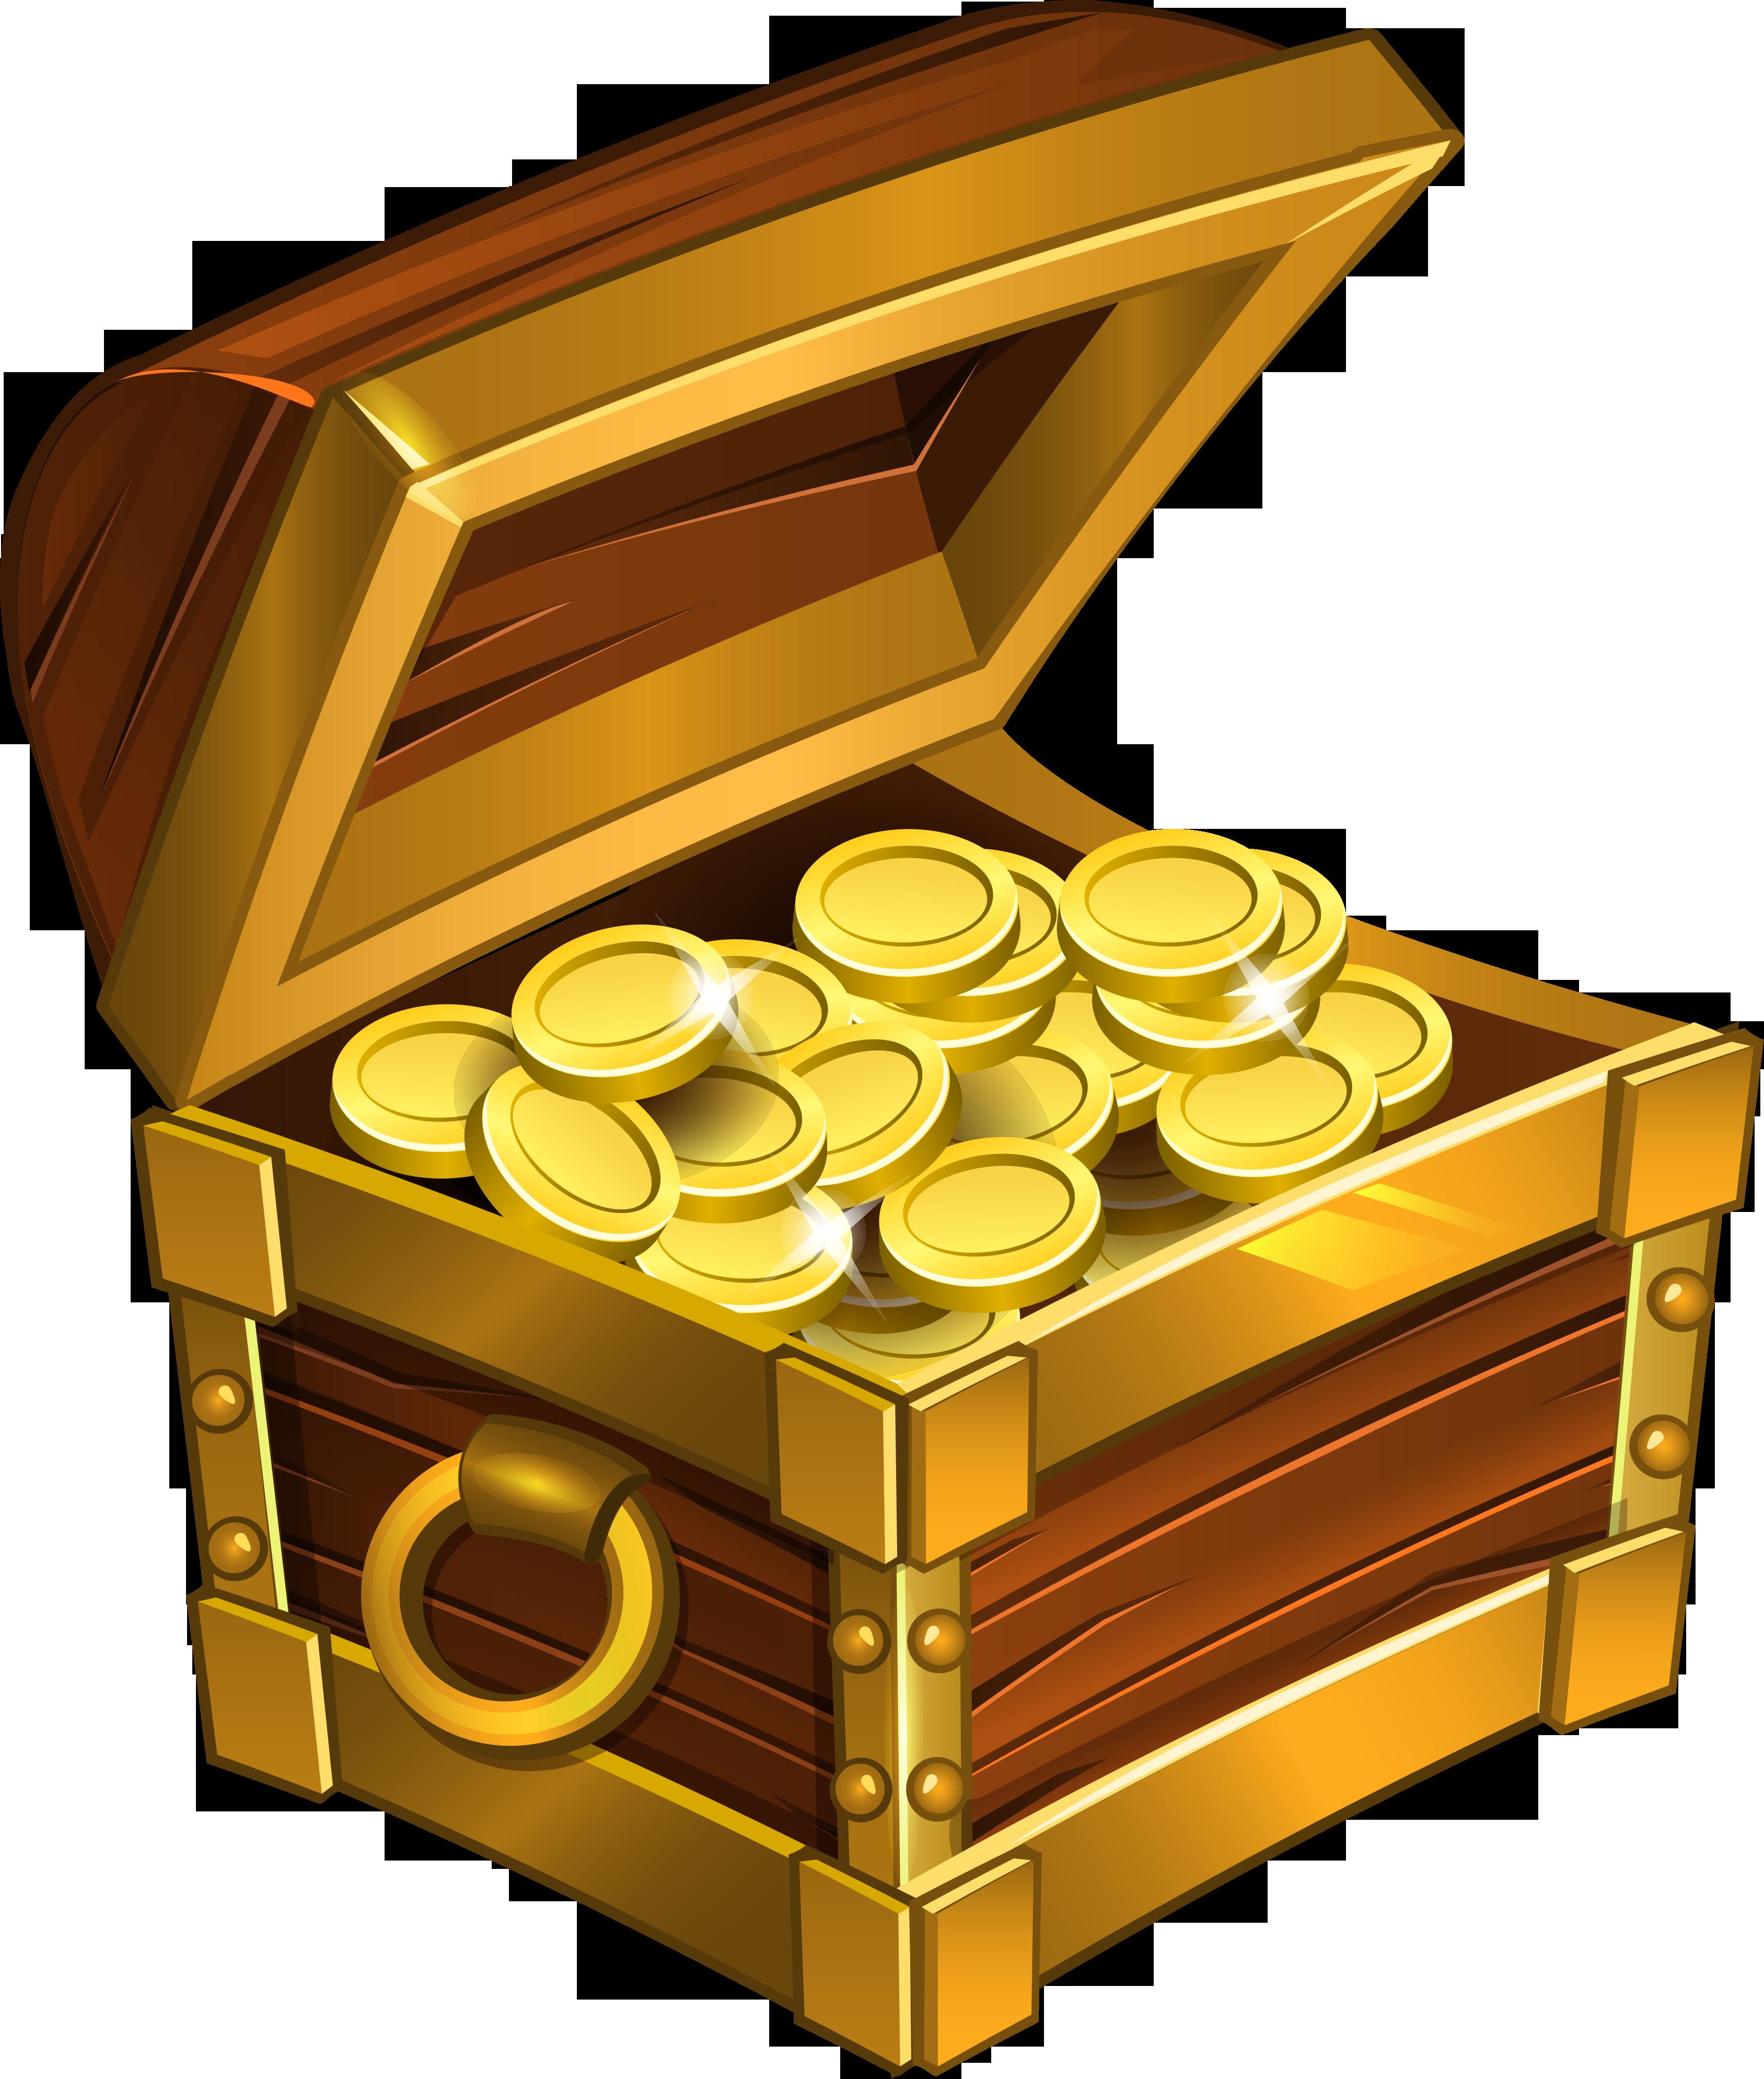 Золотые монеты картинки анимация, анимация спасибо просмотр